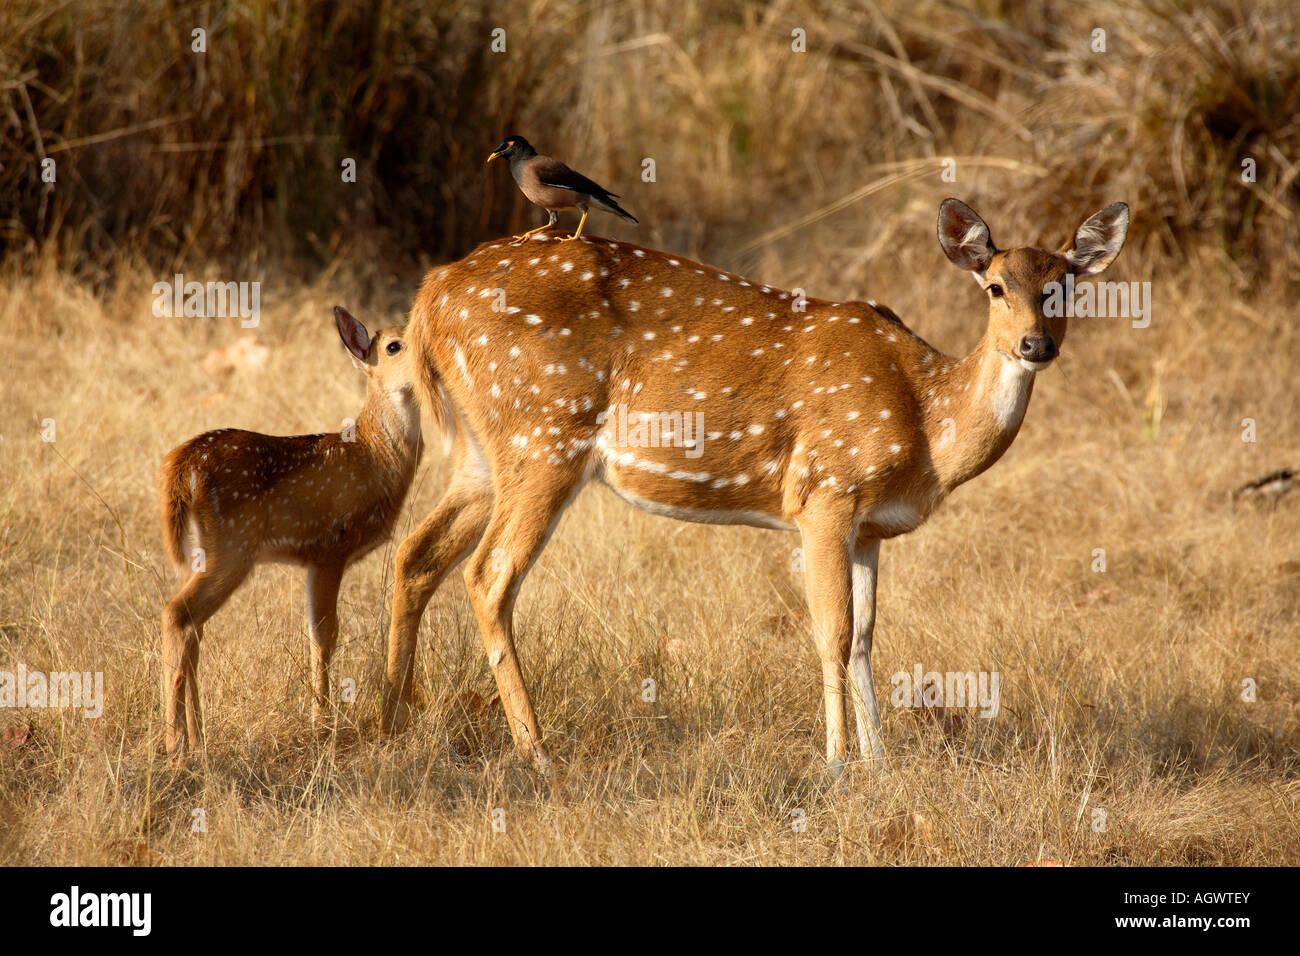 India Kanha National Park Reserva de Tigres de Kanha chital ciervo axis ciervo ciervos axis Axis axis fawn starling Imagen De Stock